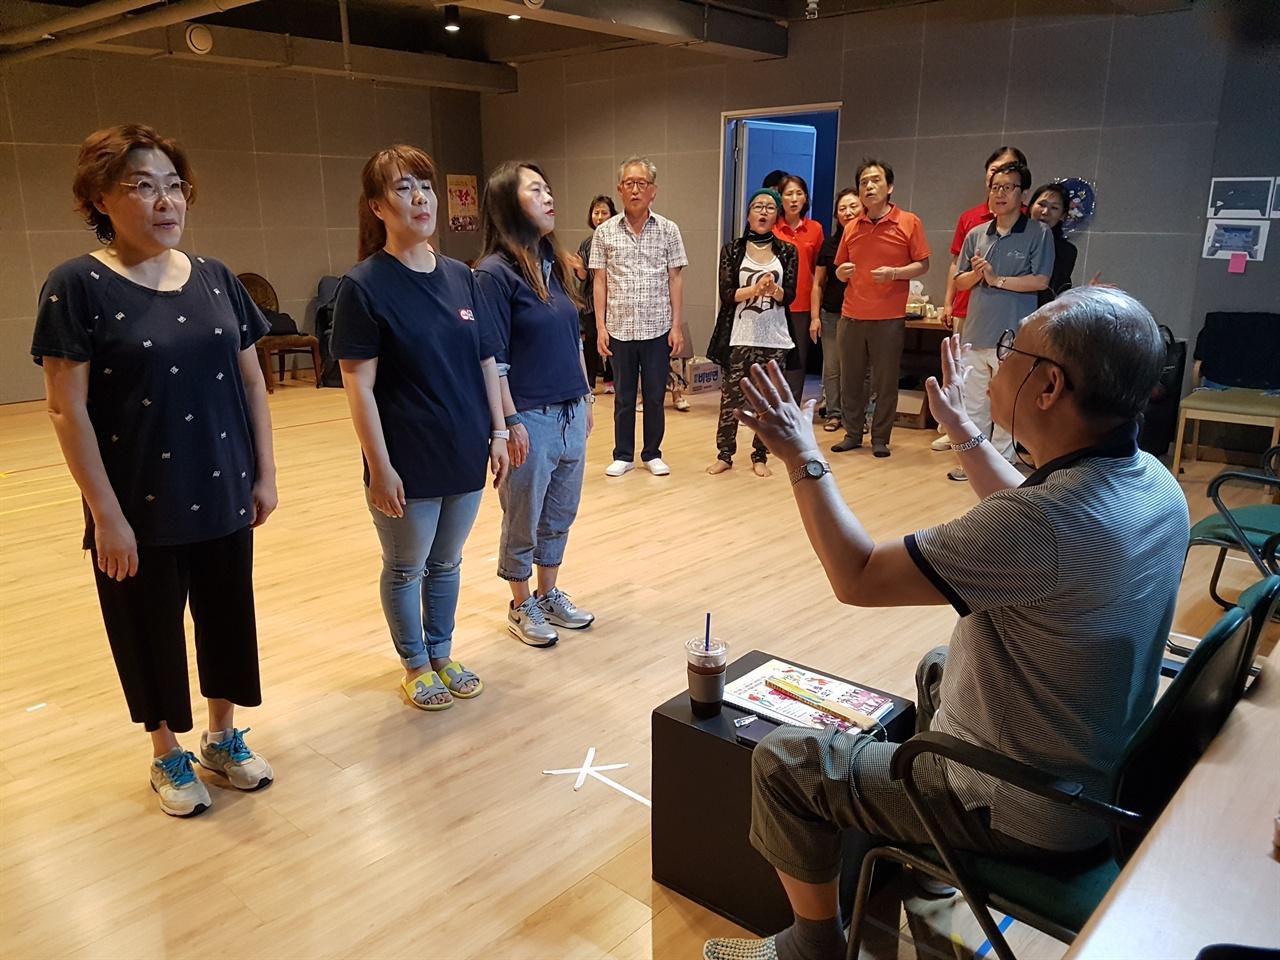 가요극 <꽃순이를 아시나요?> 연습 장면. 배우들에게 연기 지도를 하는 연출가 복진오 씨(오른쪽).